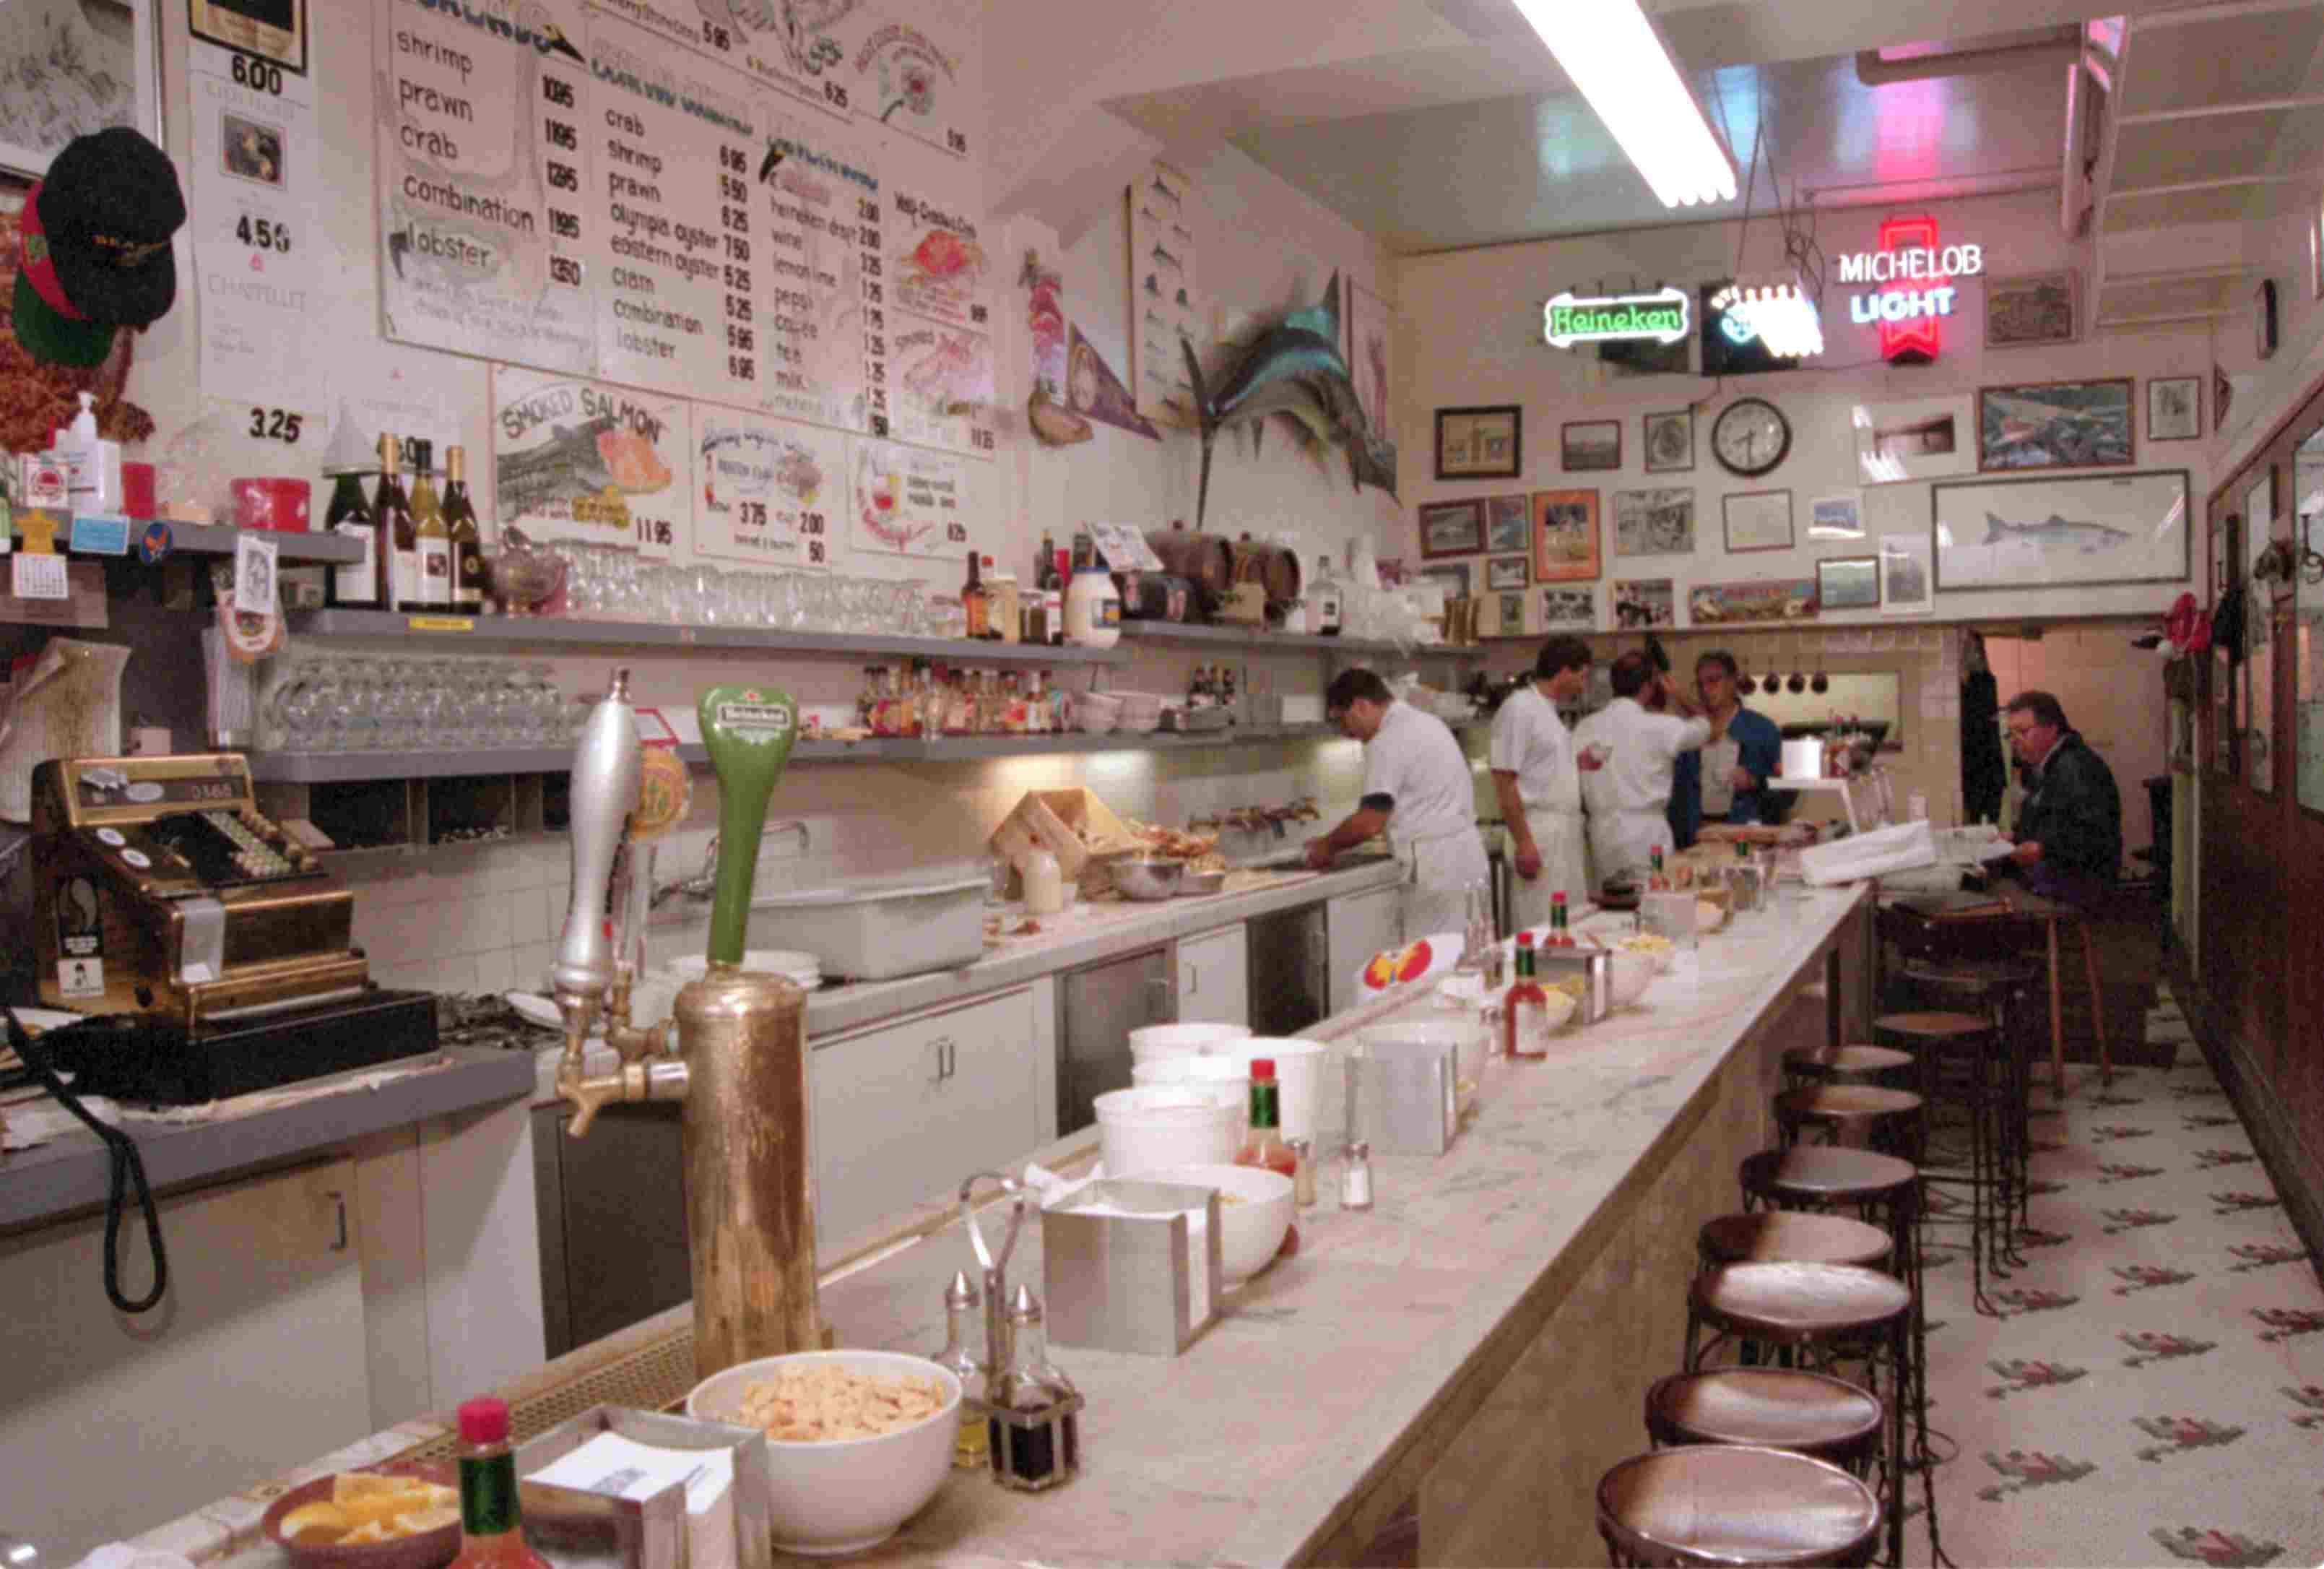 Interior of Swan Oyster Depot Restaurant